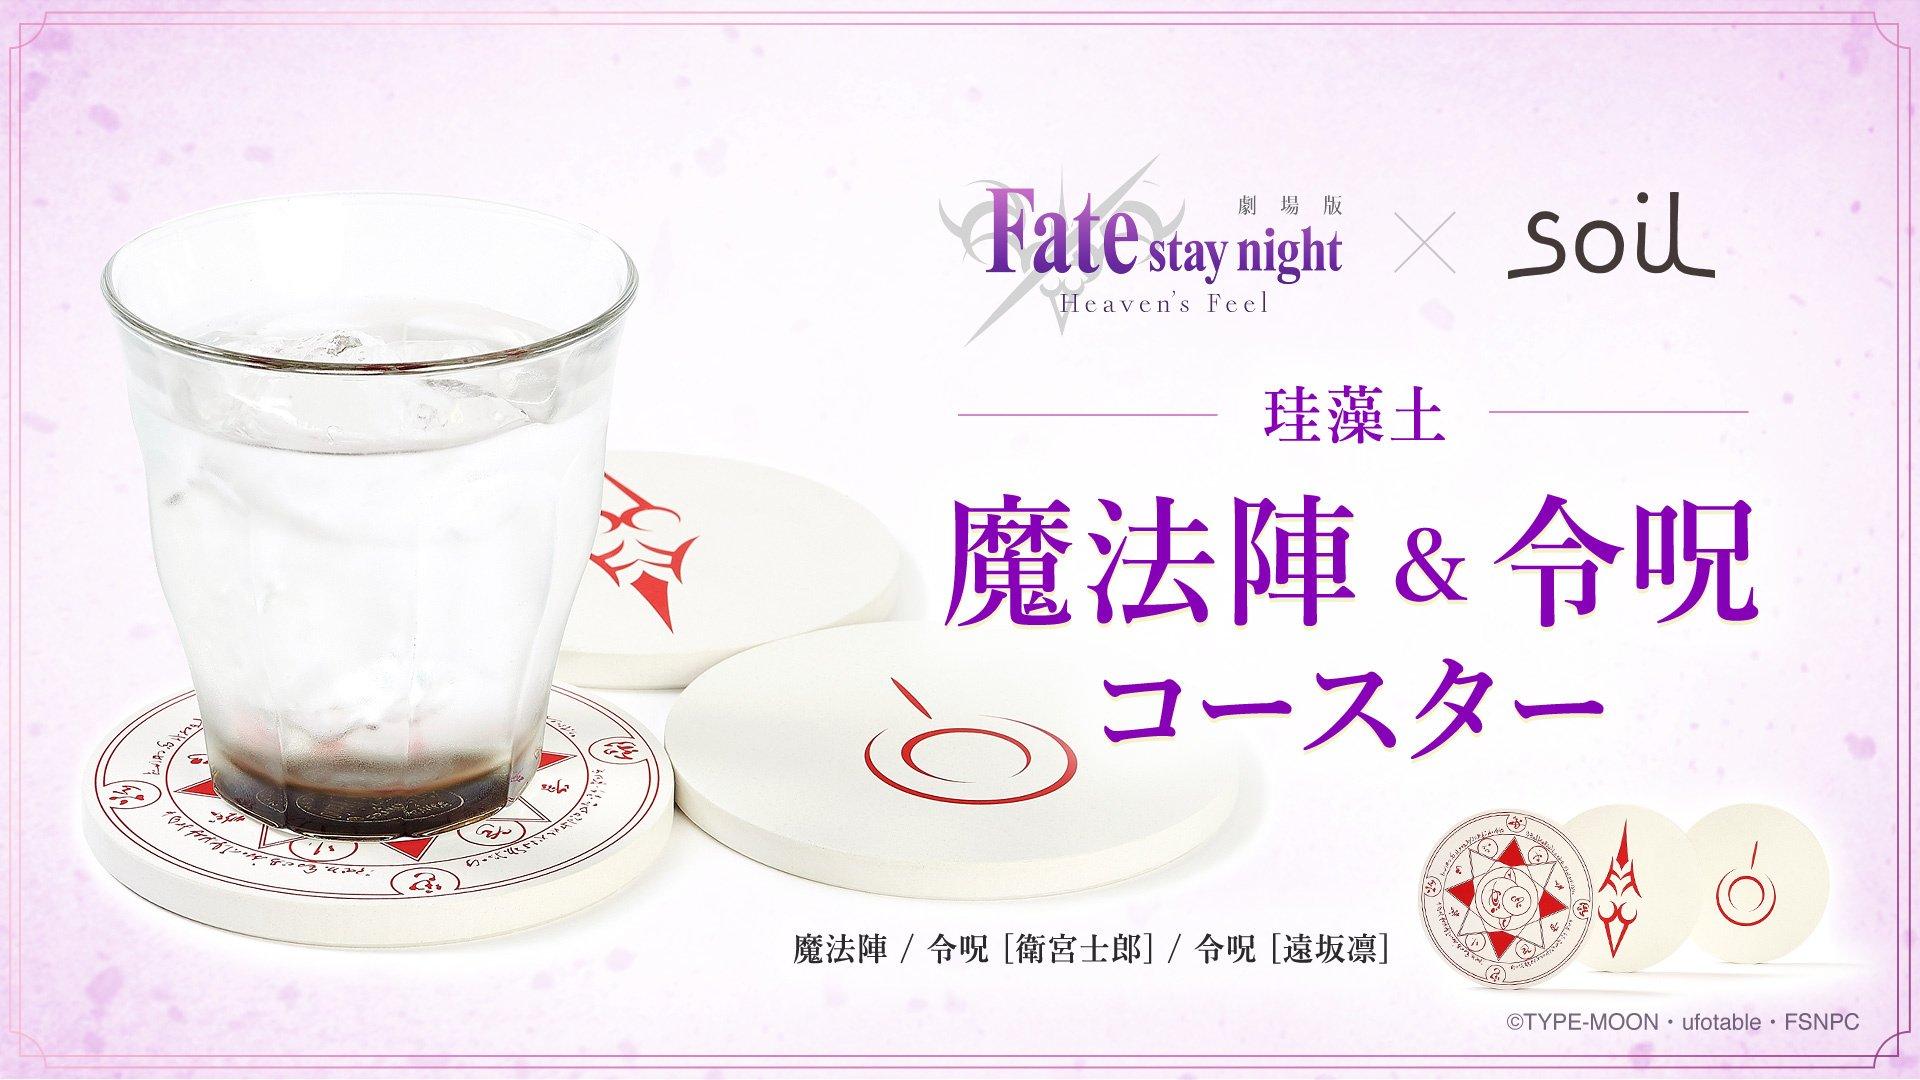 劇場版 Fate Stay Night Heaven S Feel Soil 珪藻土 魔法陣 令呪コースター Tokyo Otaku Mode Projects